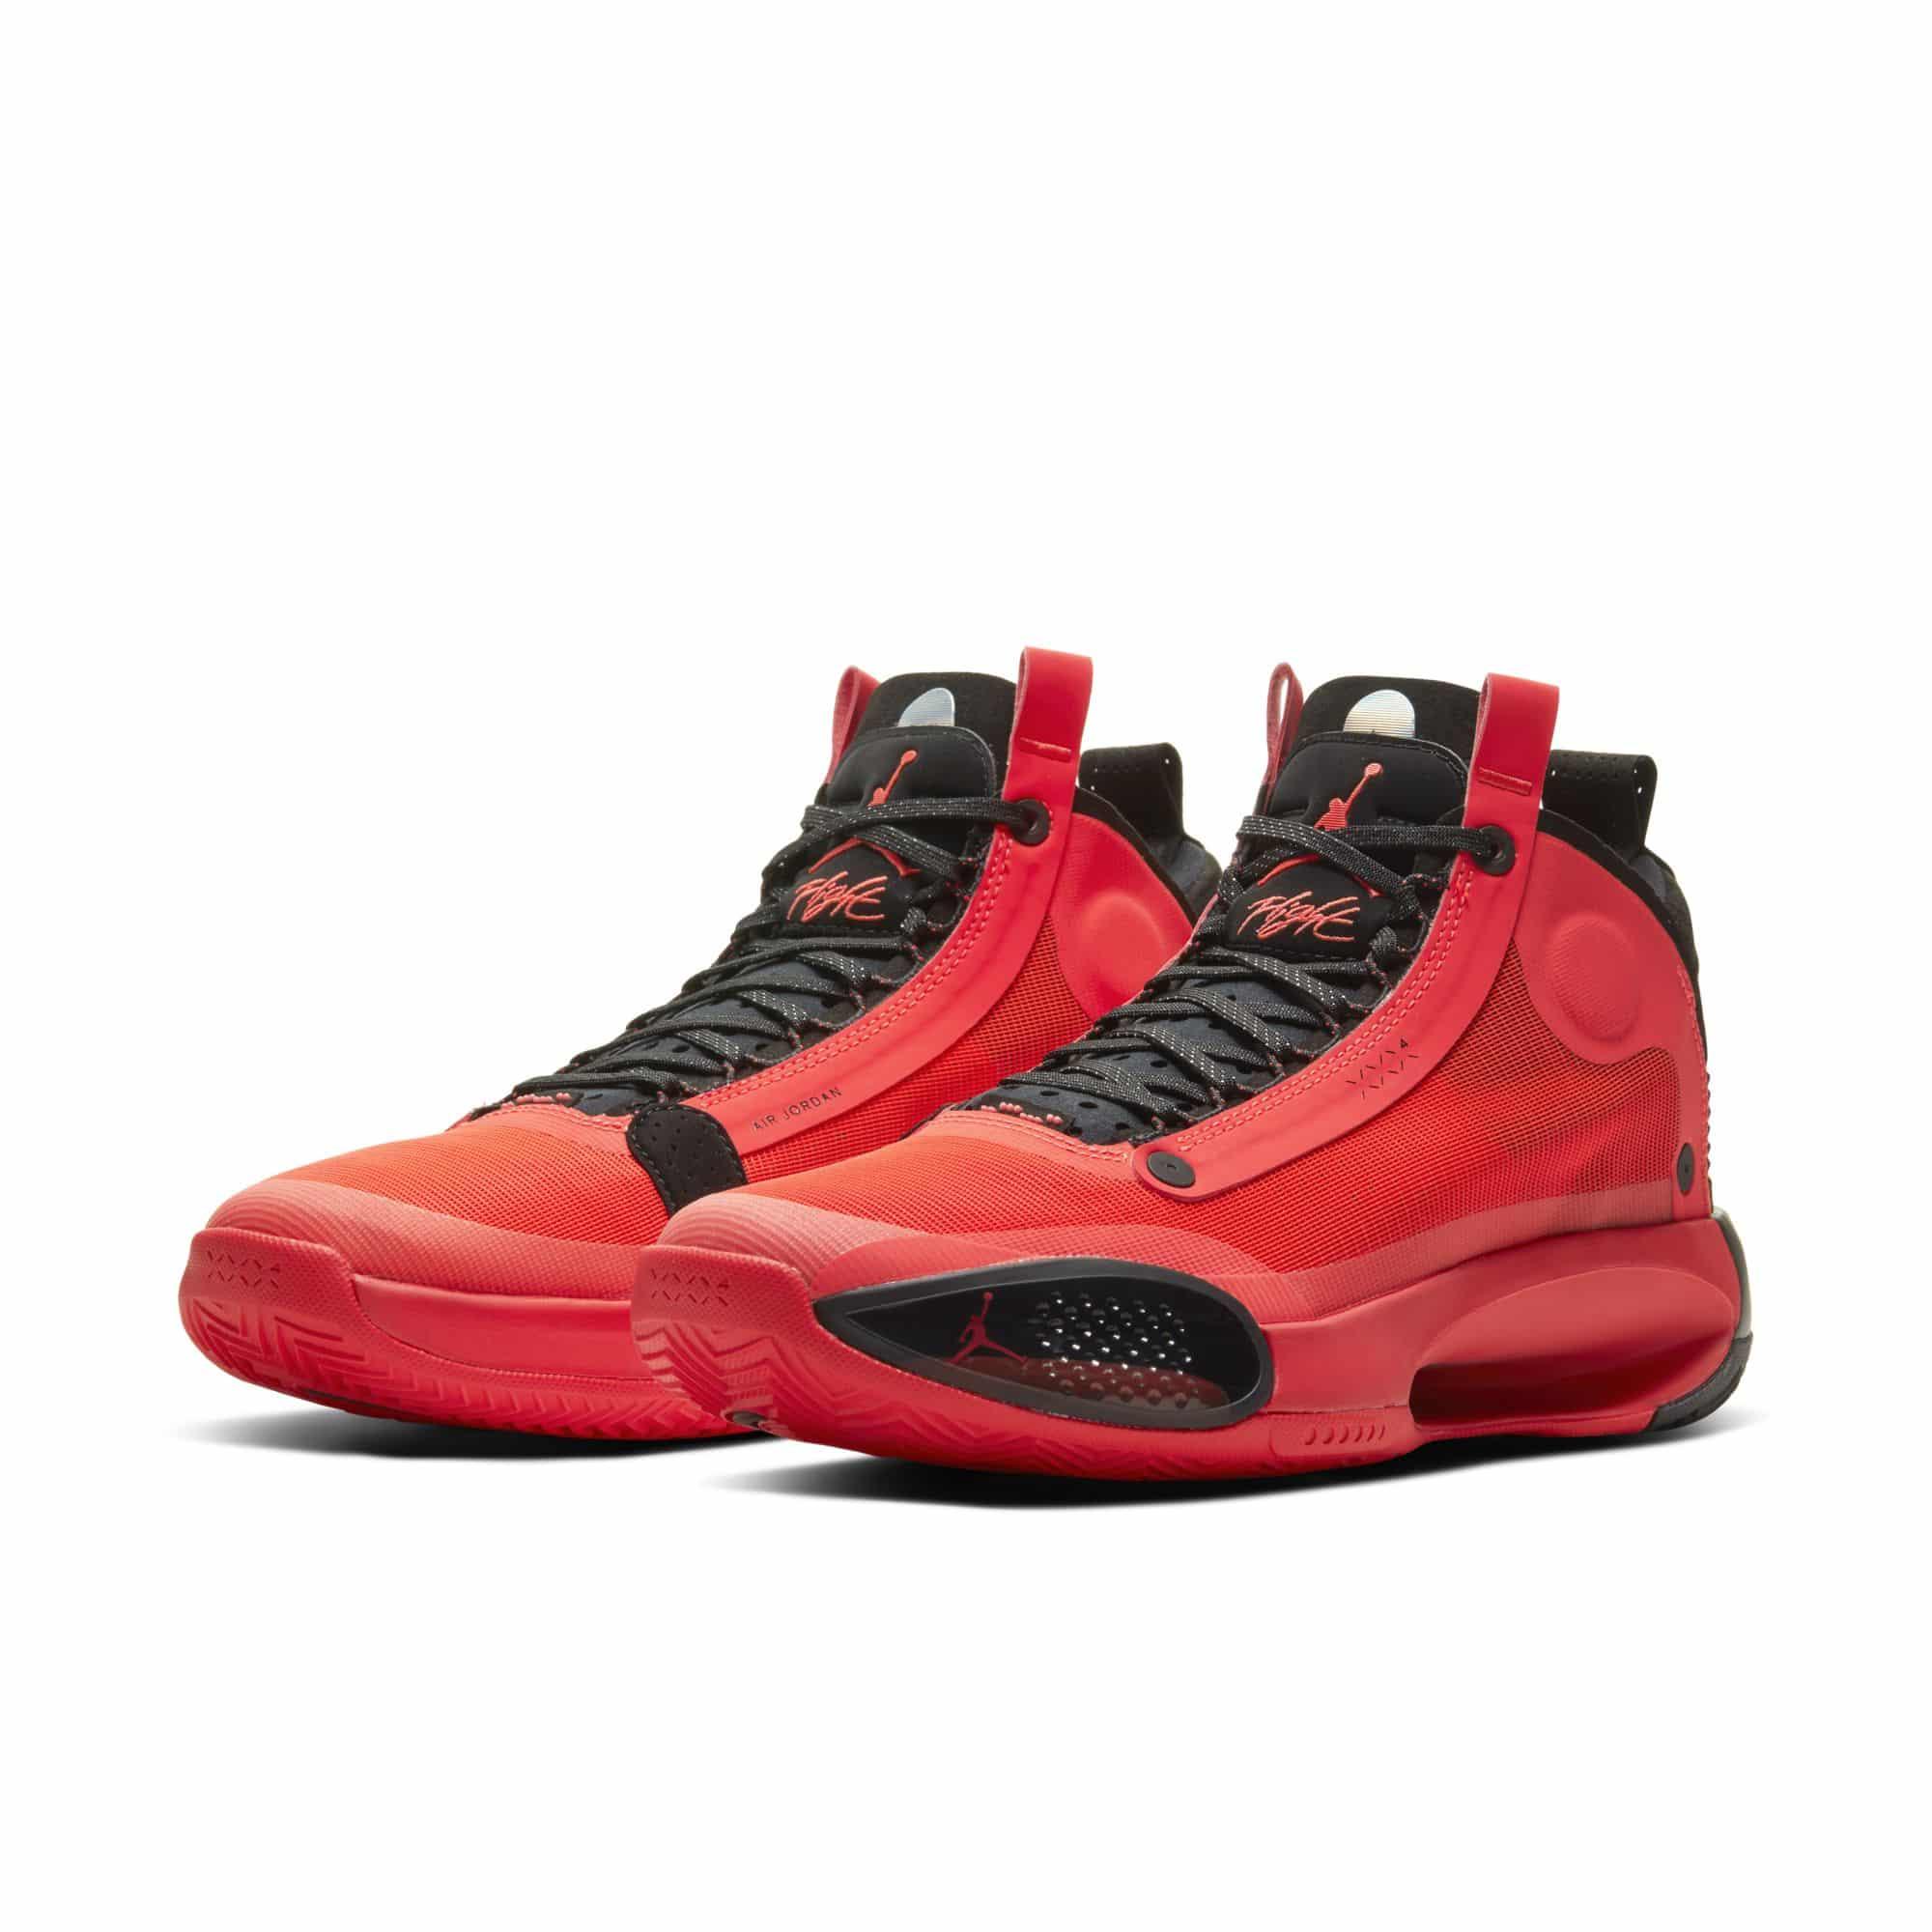 Air Jordan 34 Infrared